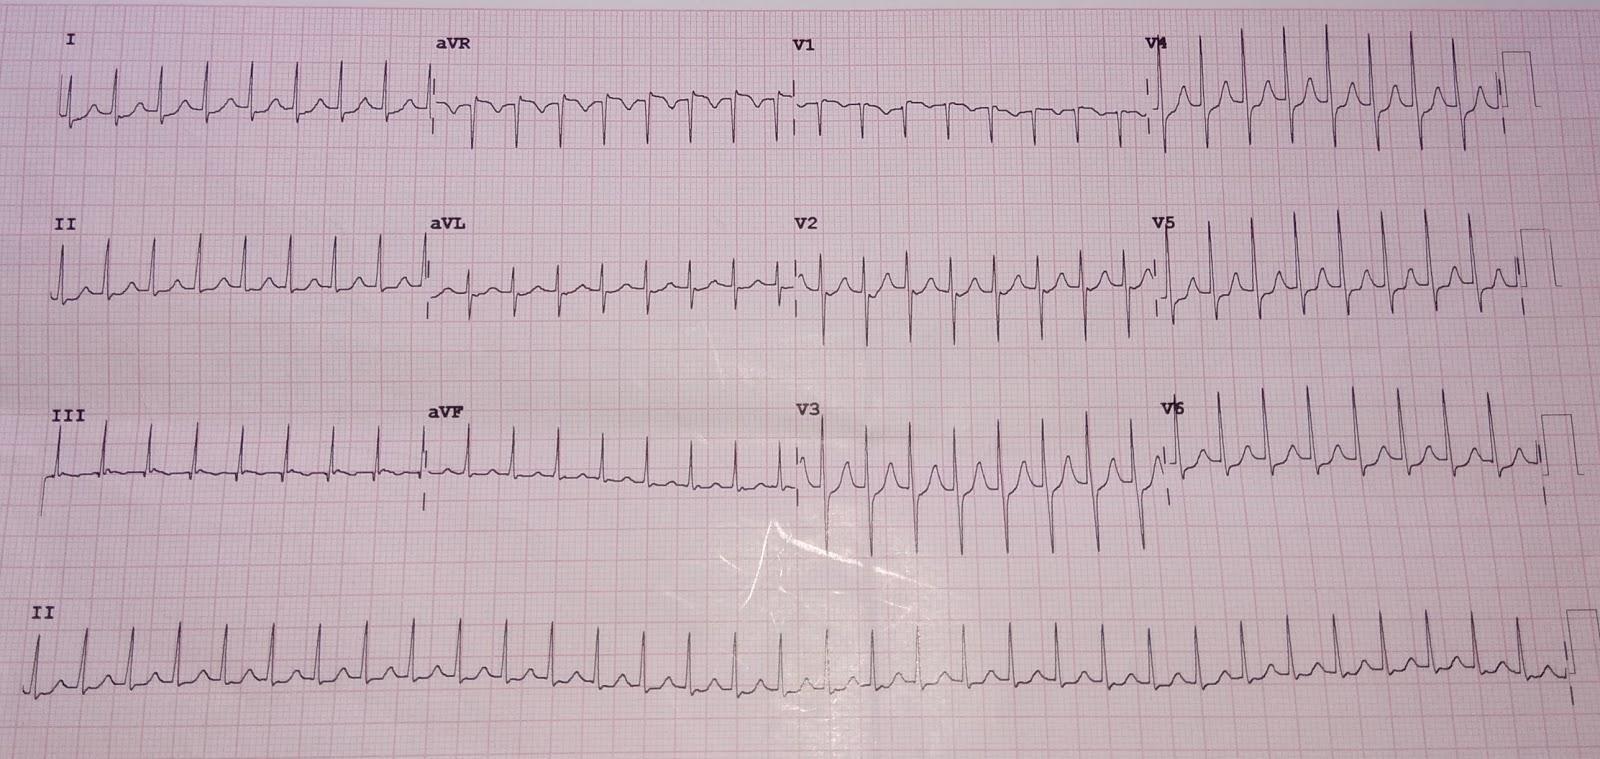 Cardiology Window Psvt Avnrt